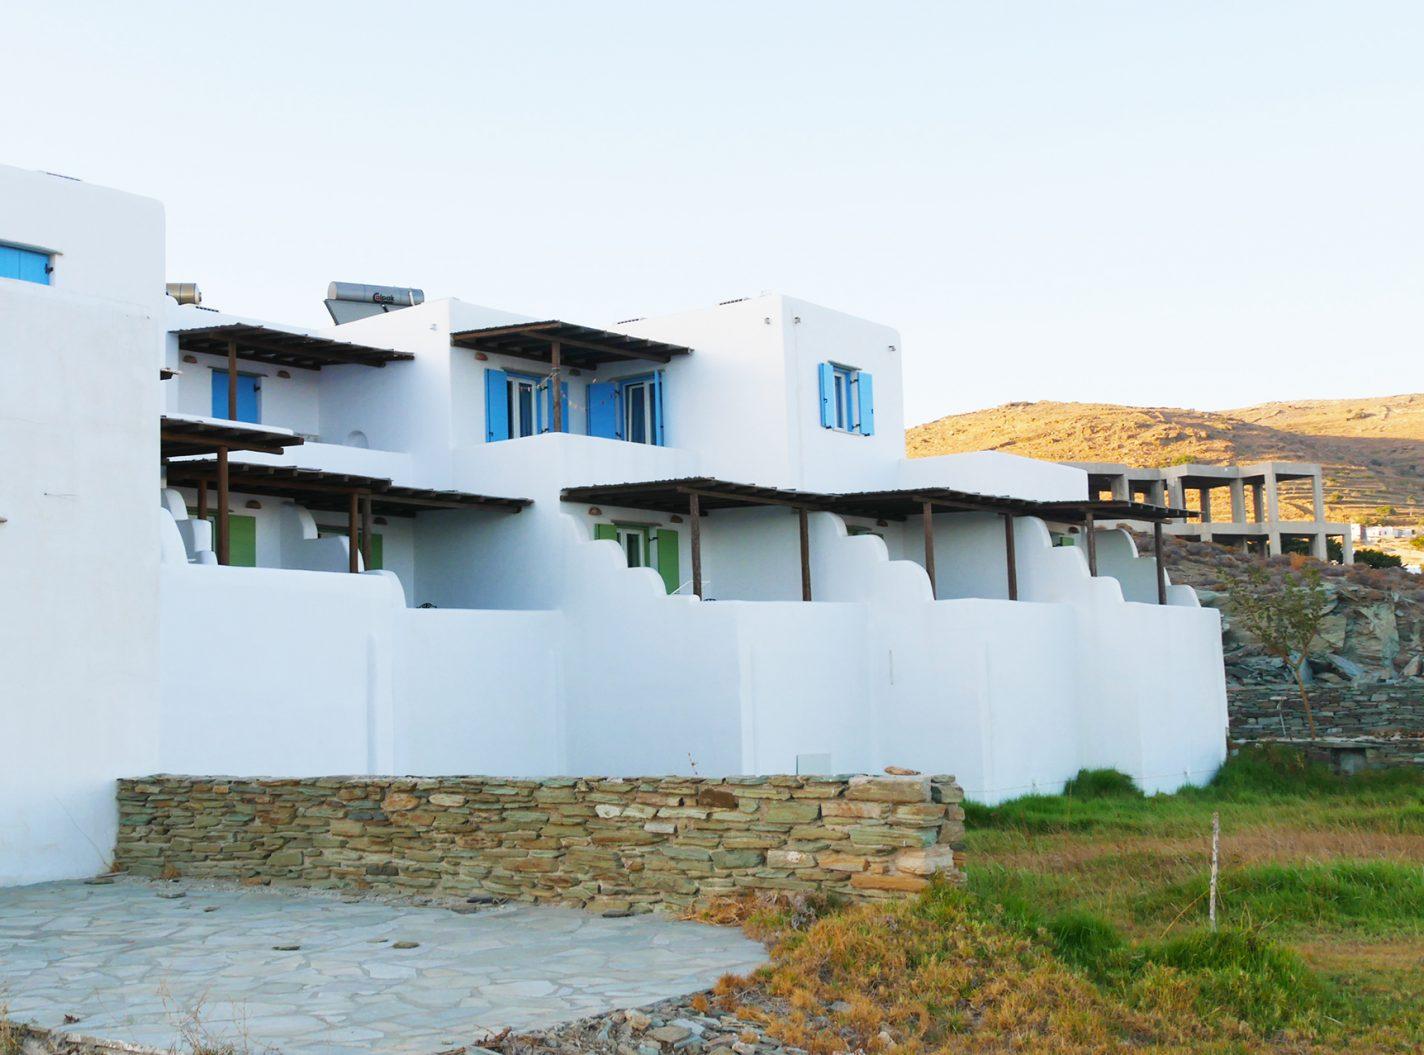 Buitenkant - Parathyro sto Aigaio 2 - Small Suites